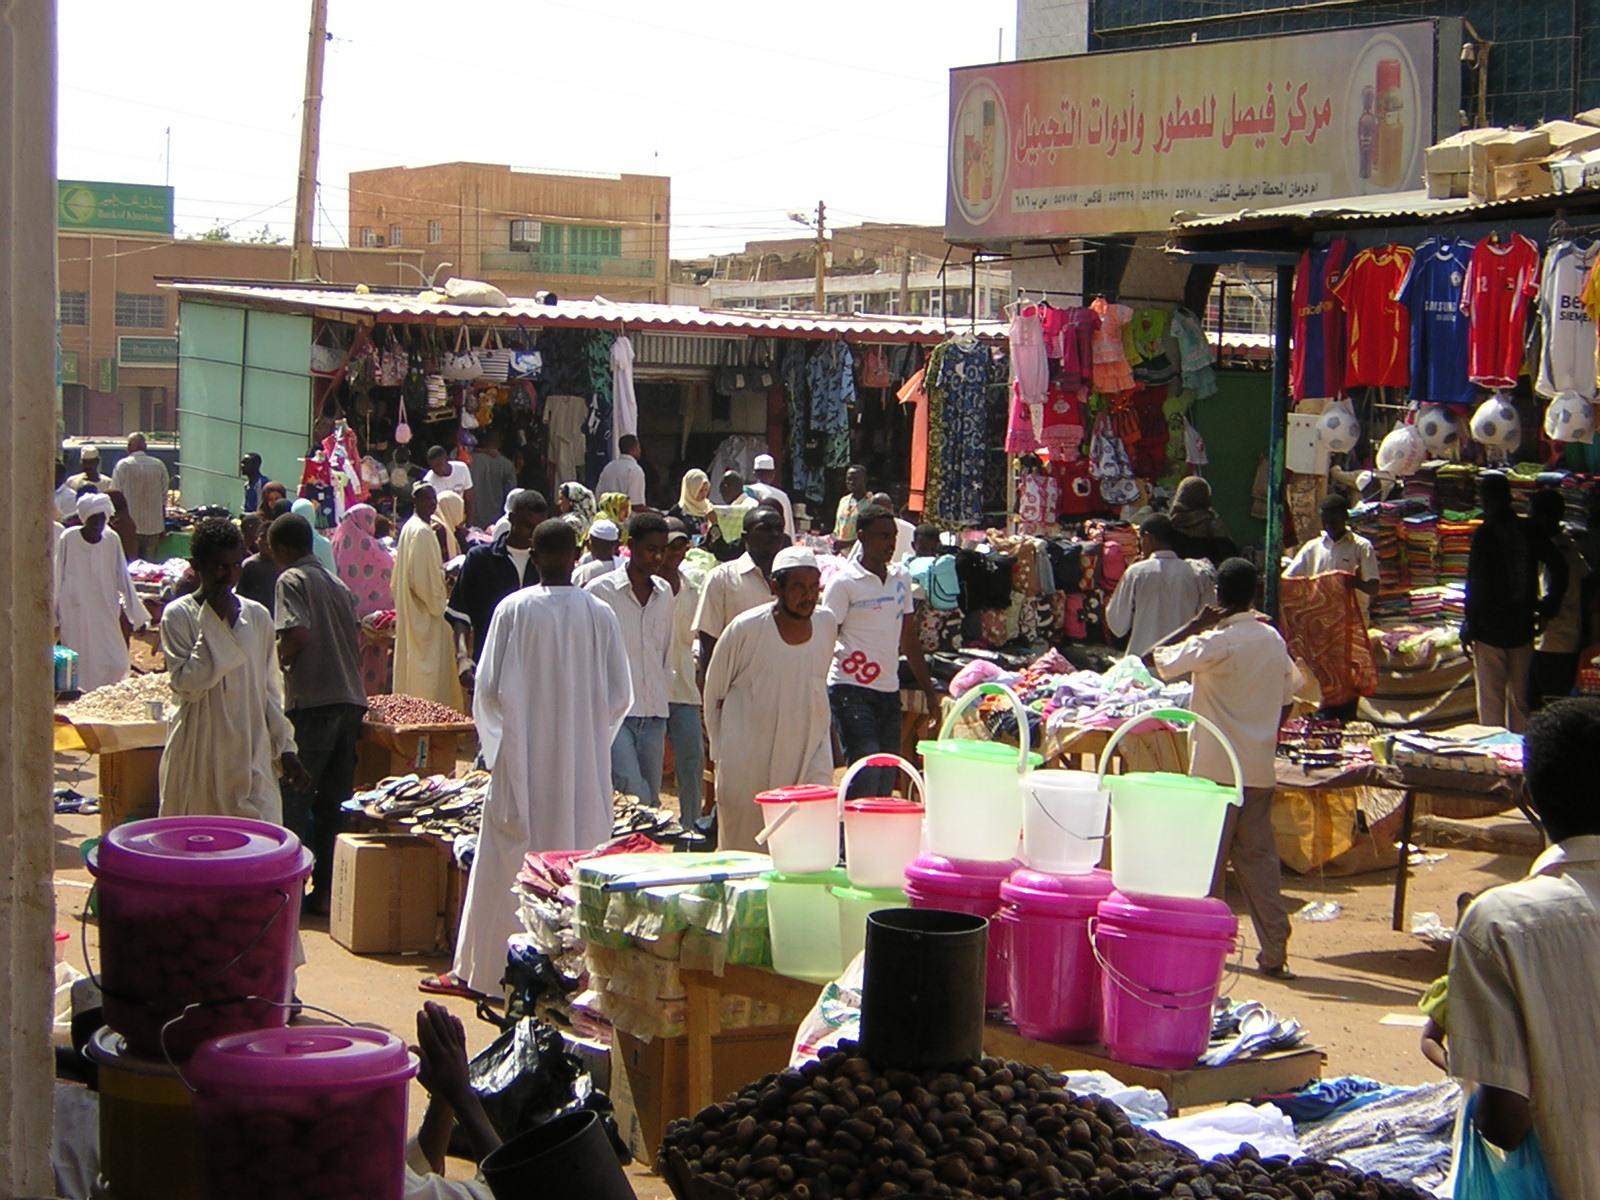 شاب سوداني يستعرض مهاراته في التحكم بالكرة وسط سوق أم درمان ويجبر المتسوقين علي التصفيق له